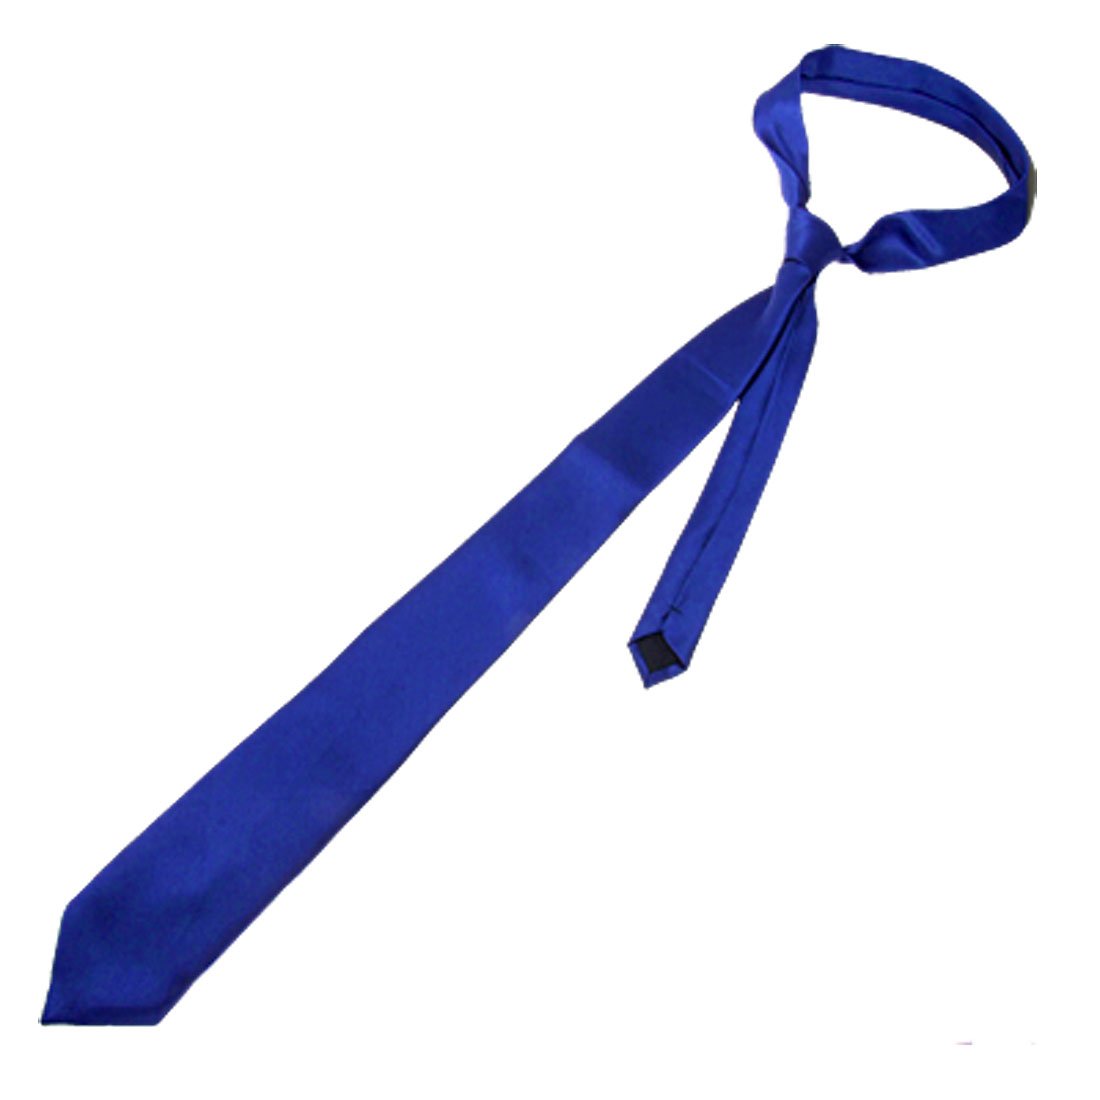 Satin Style Polyester Neck Tie Necktie Blue for Men